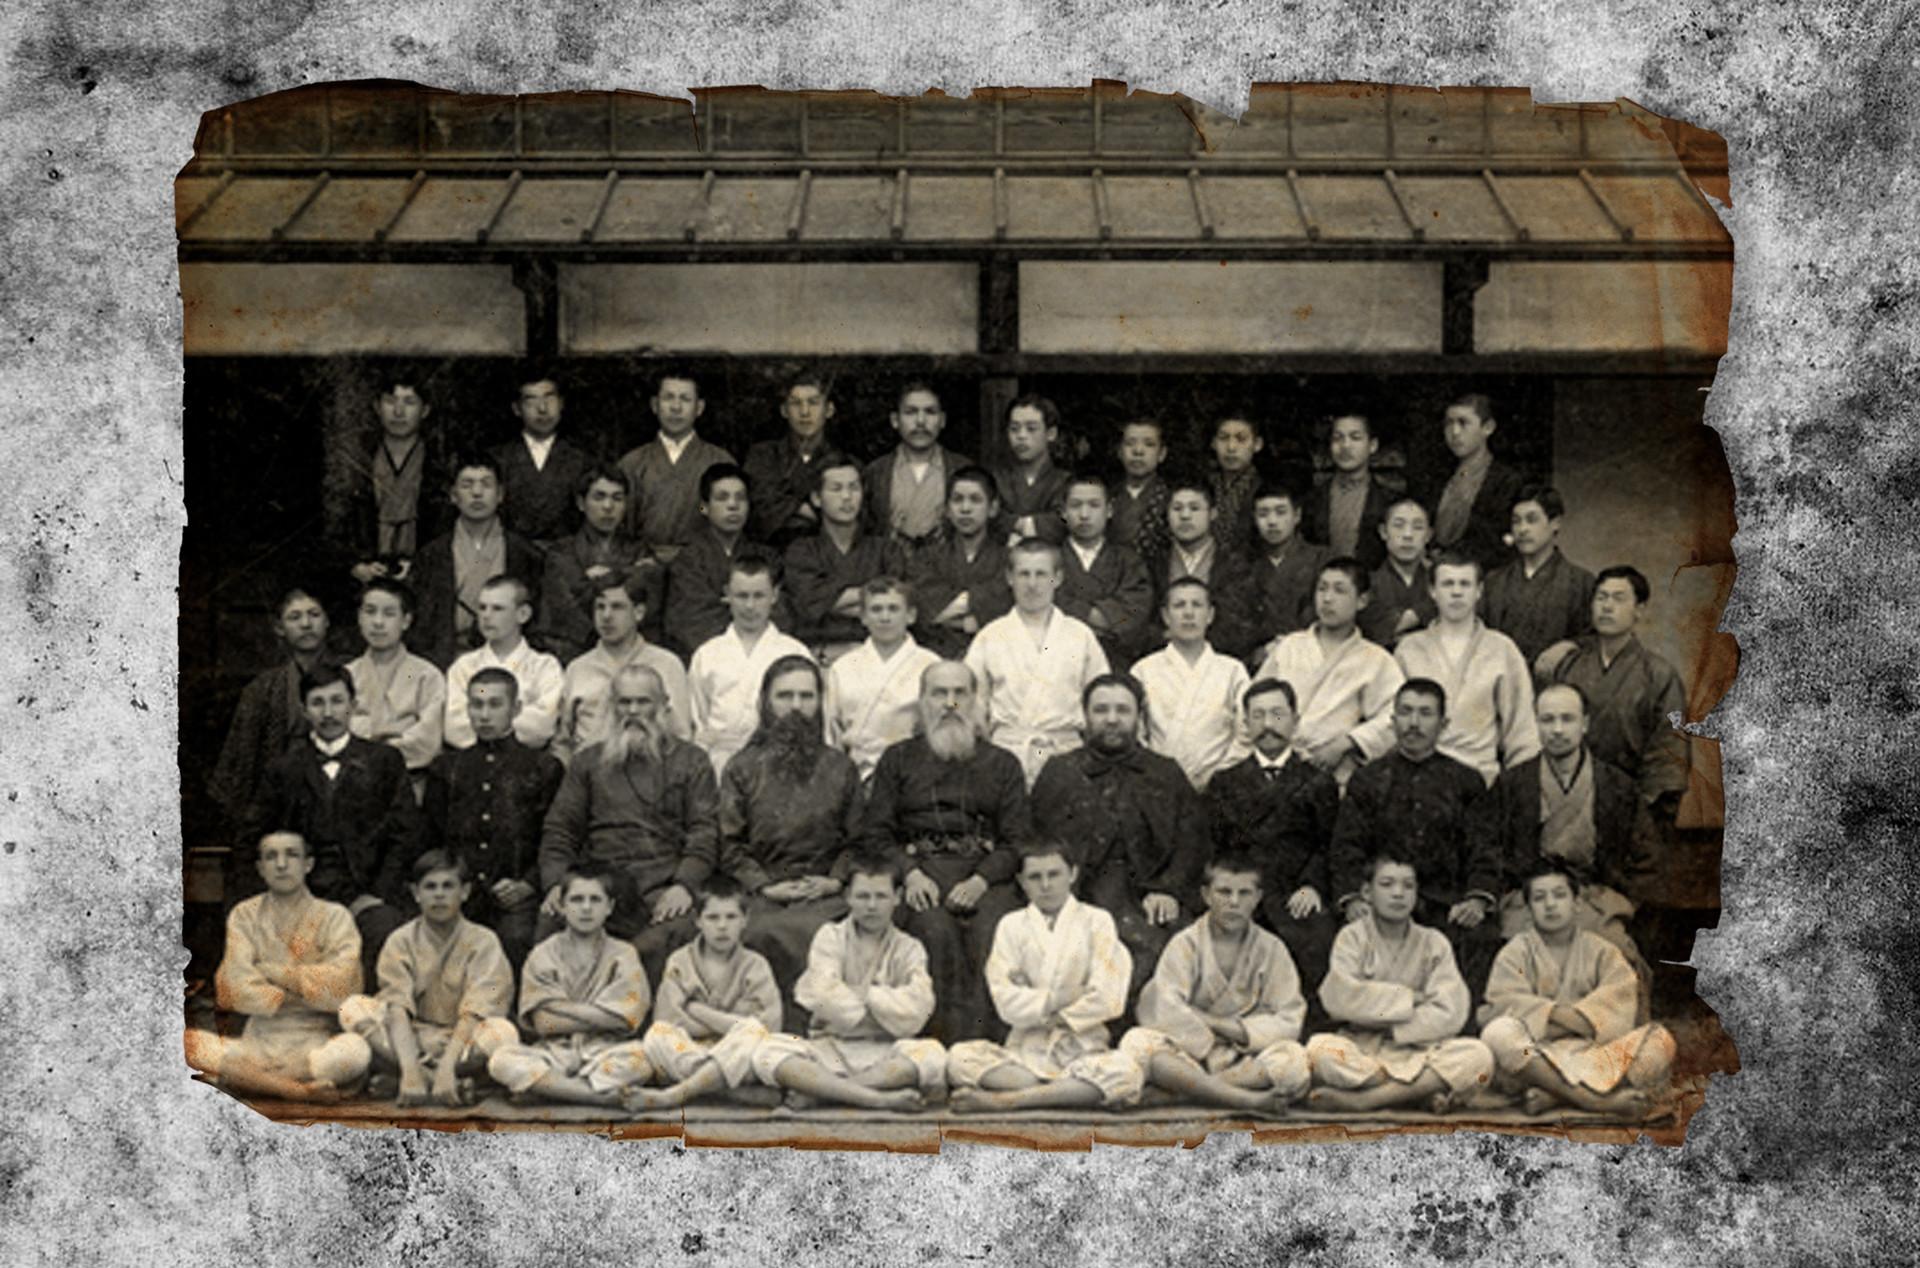 Učenci pravoslavne misije na Japonskem. Oščepkov je tretji v tretji vrsti z leve.